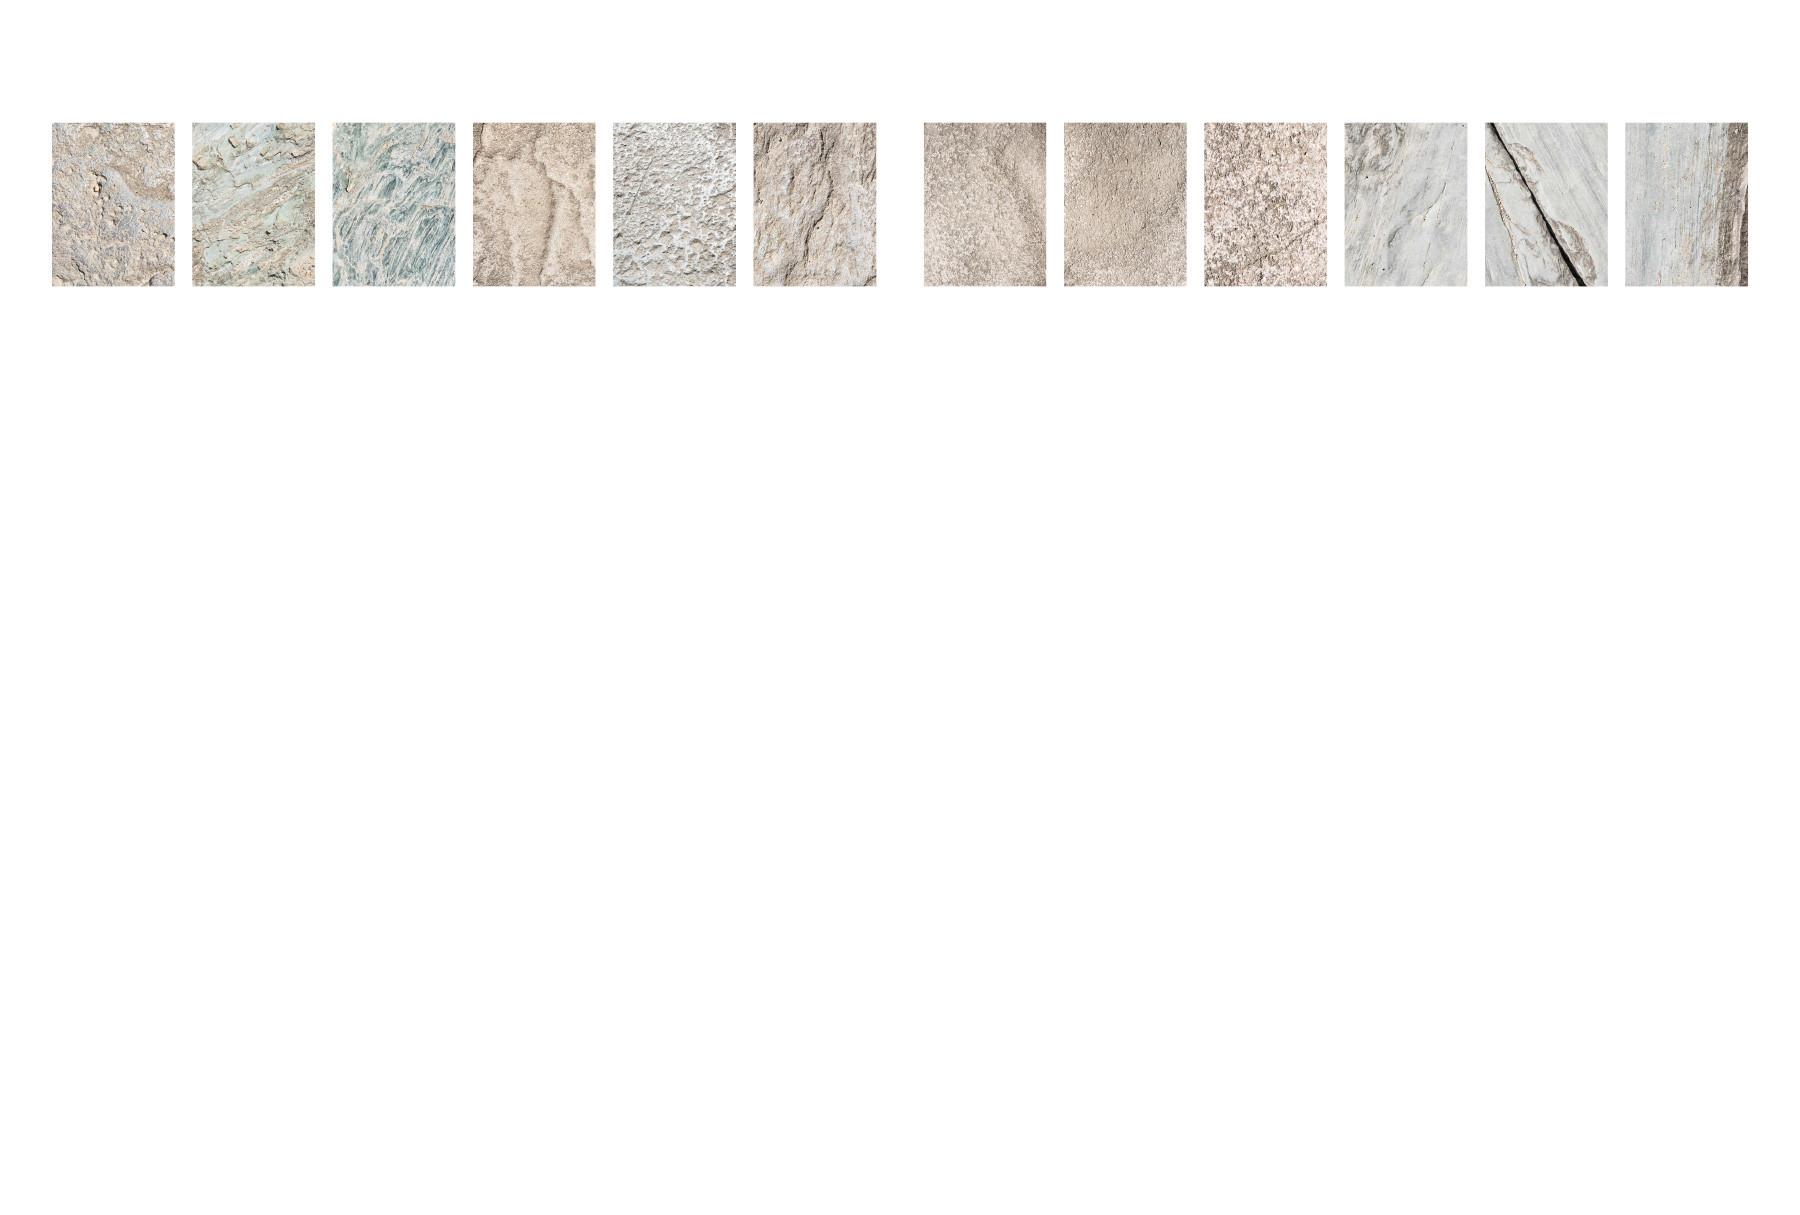 Stones01-16.jpg